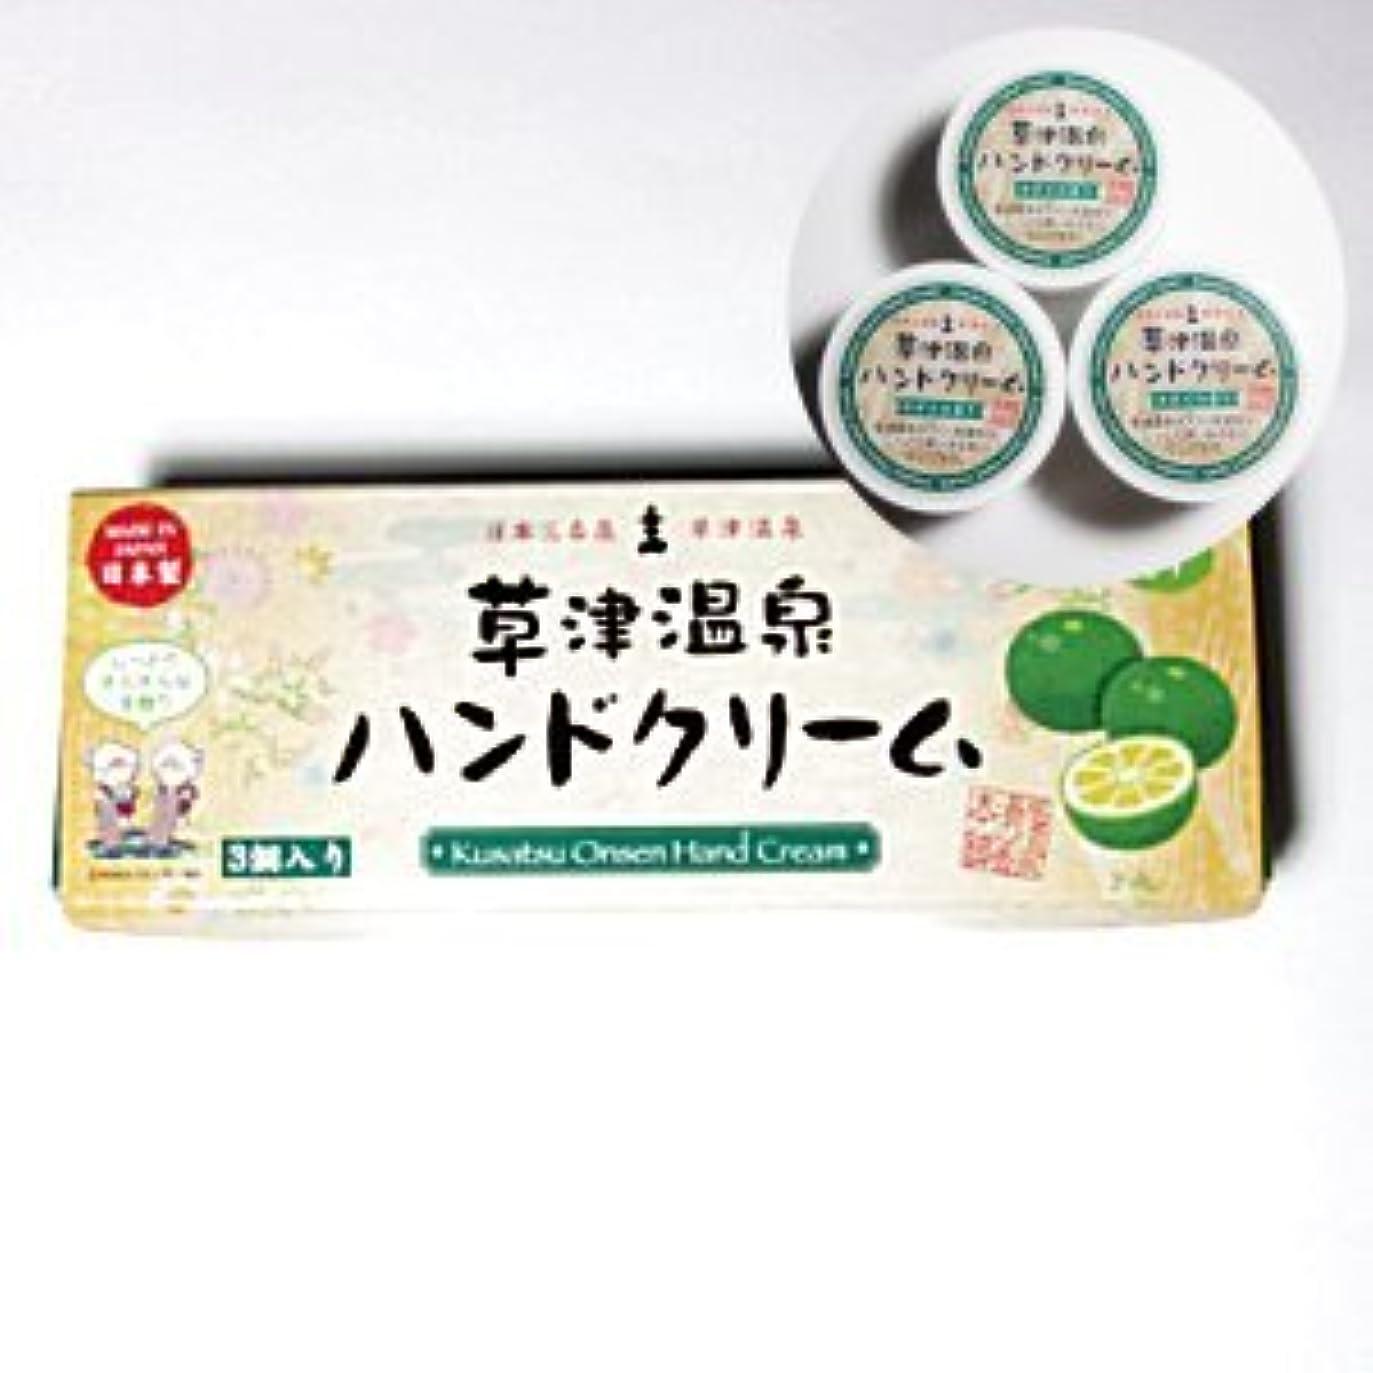 比較的センチメンタル咲く草津温泉ハンドクリーム カボスの香り 15gx3